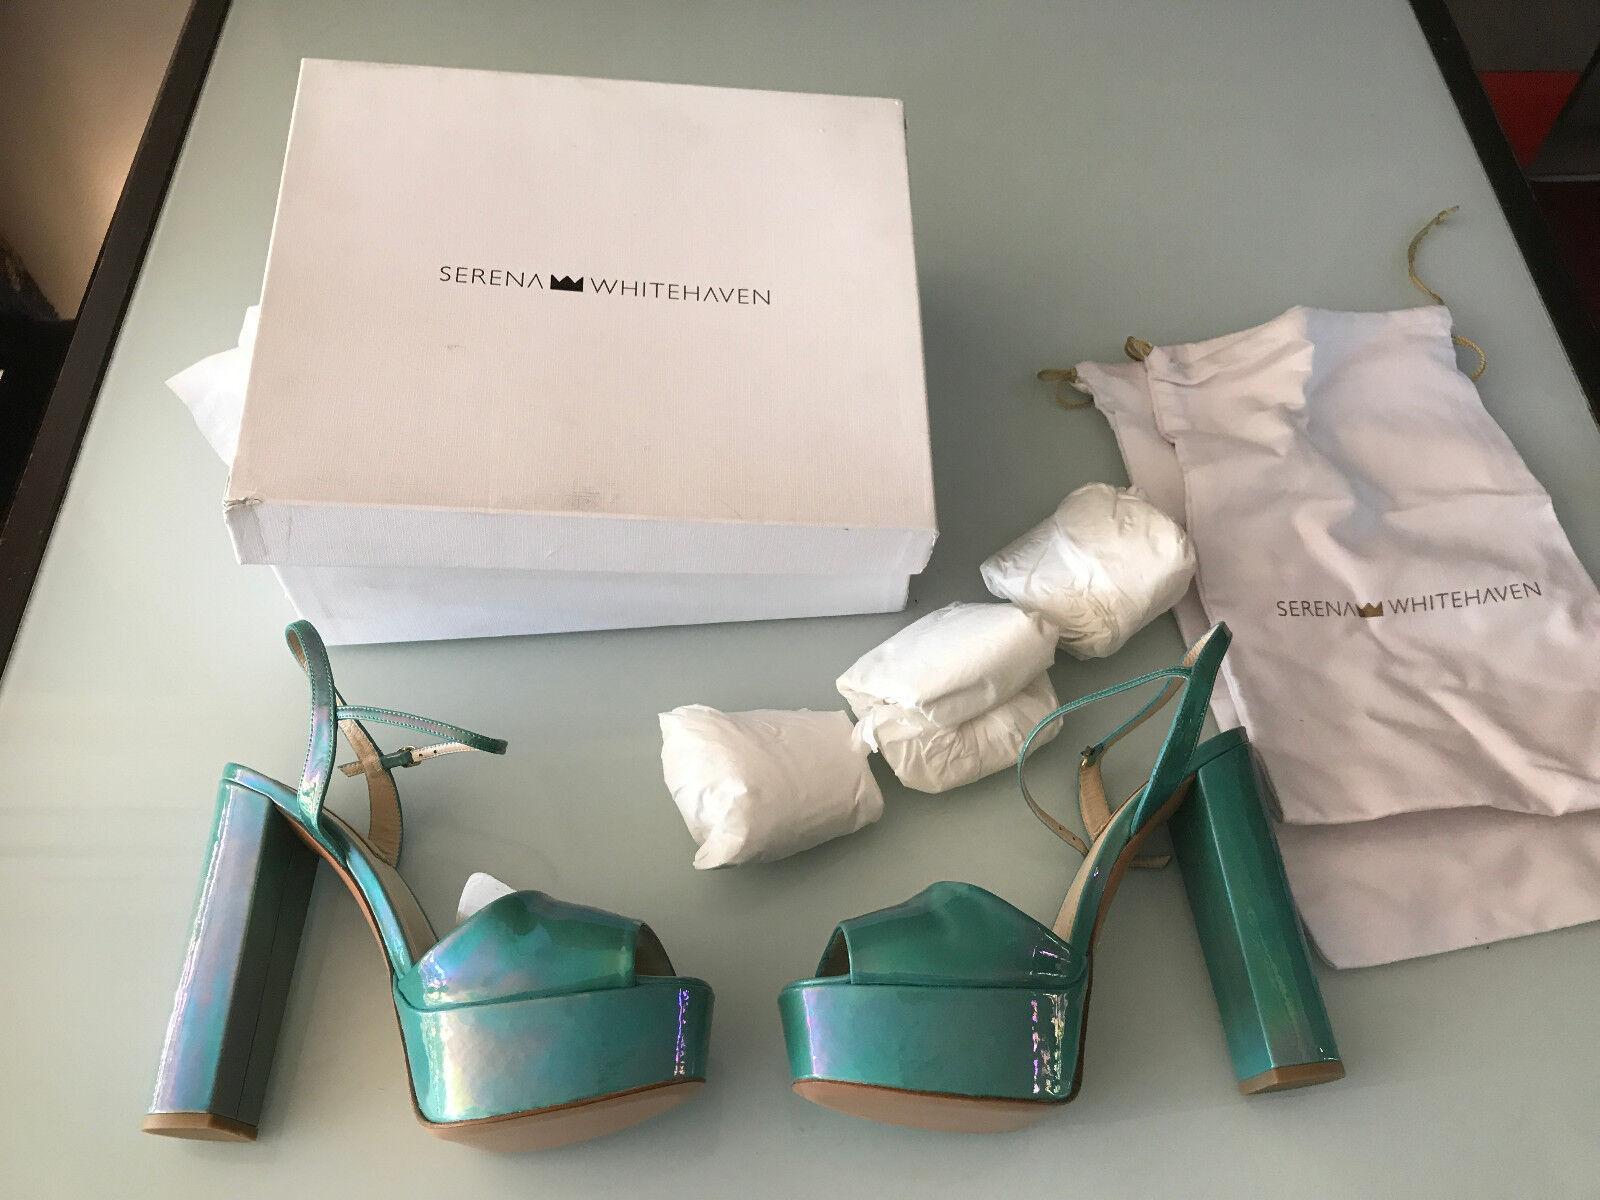 memorizzare scarpe de luxe serena biancahaven ref ref ref petrol aquamarine Dimensione 40  negozio outlet